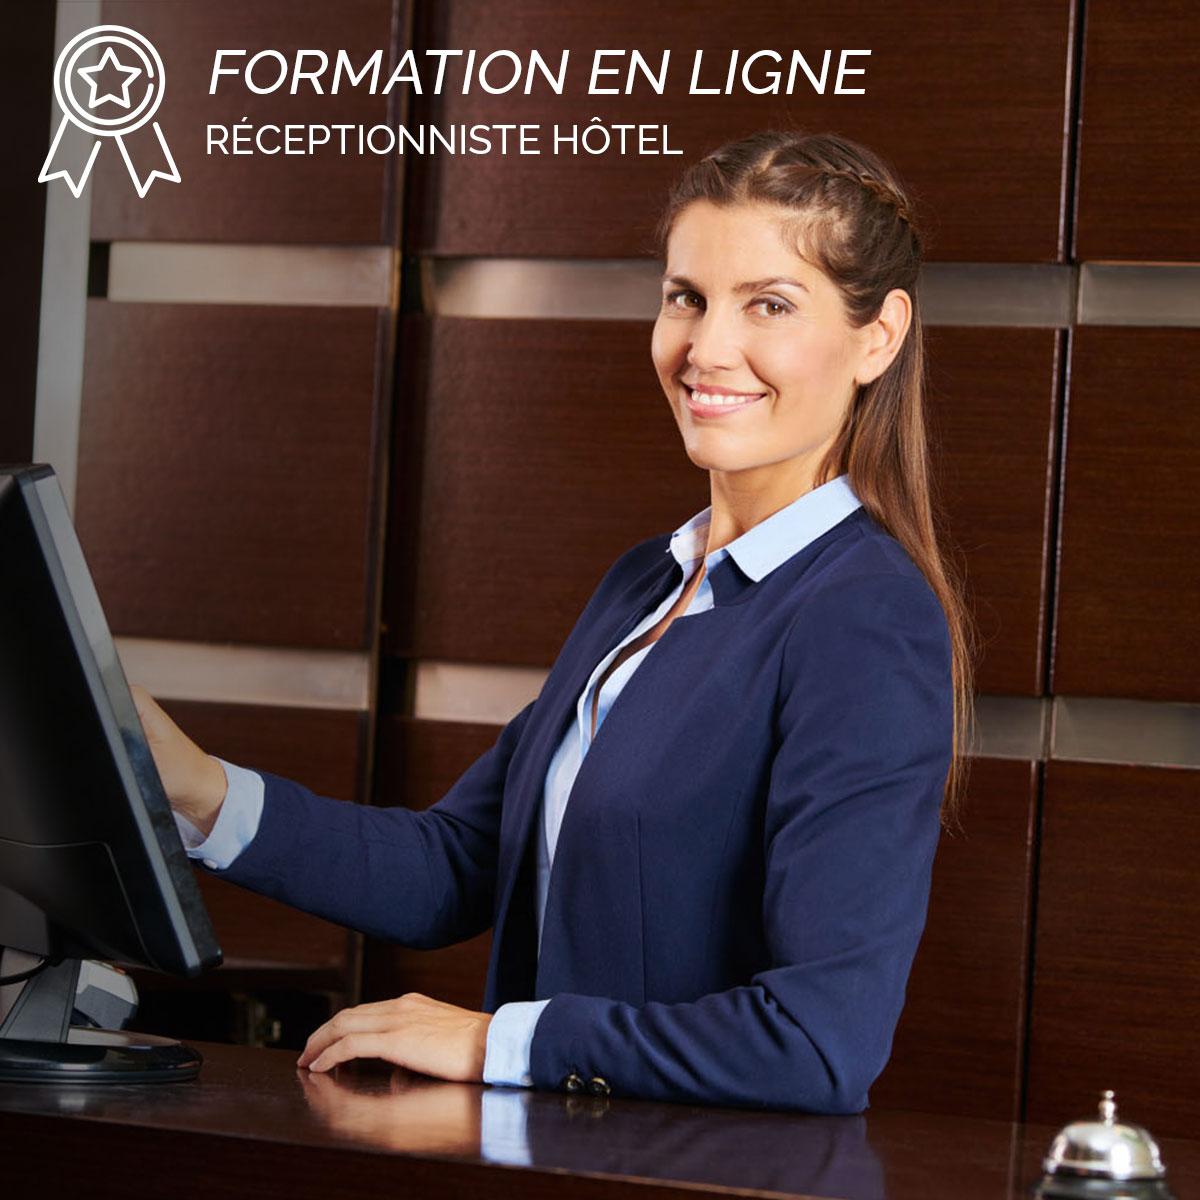 Formation-receptionniste-hotel-en-ligne